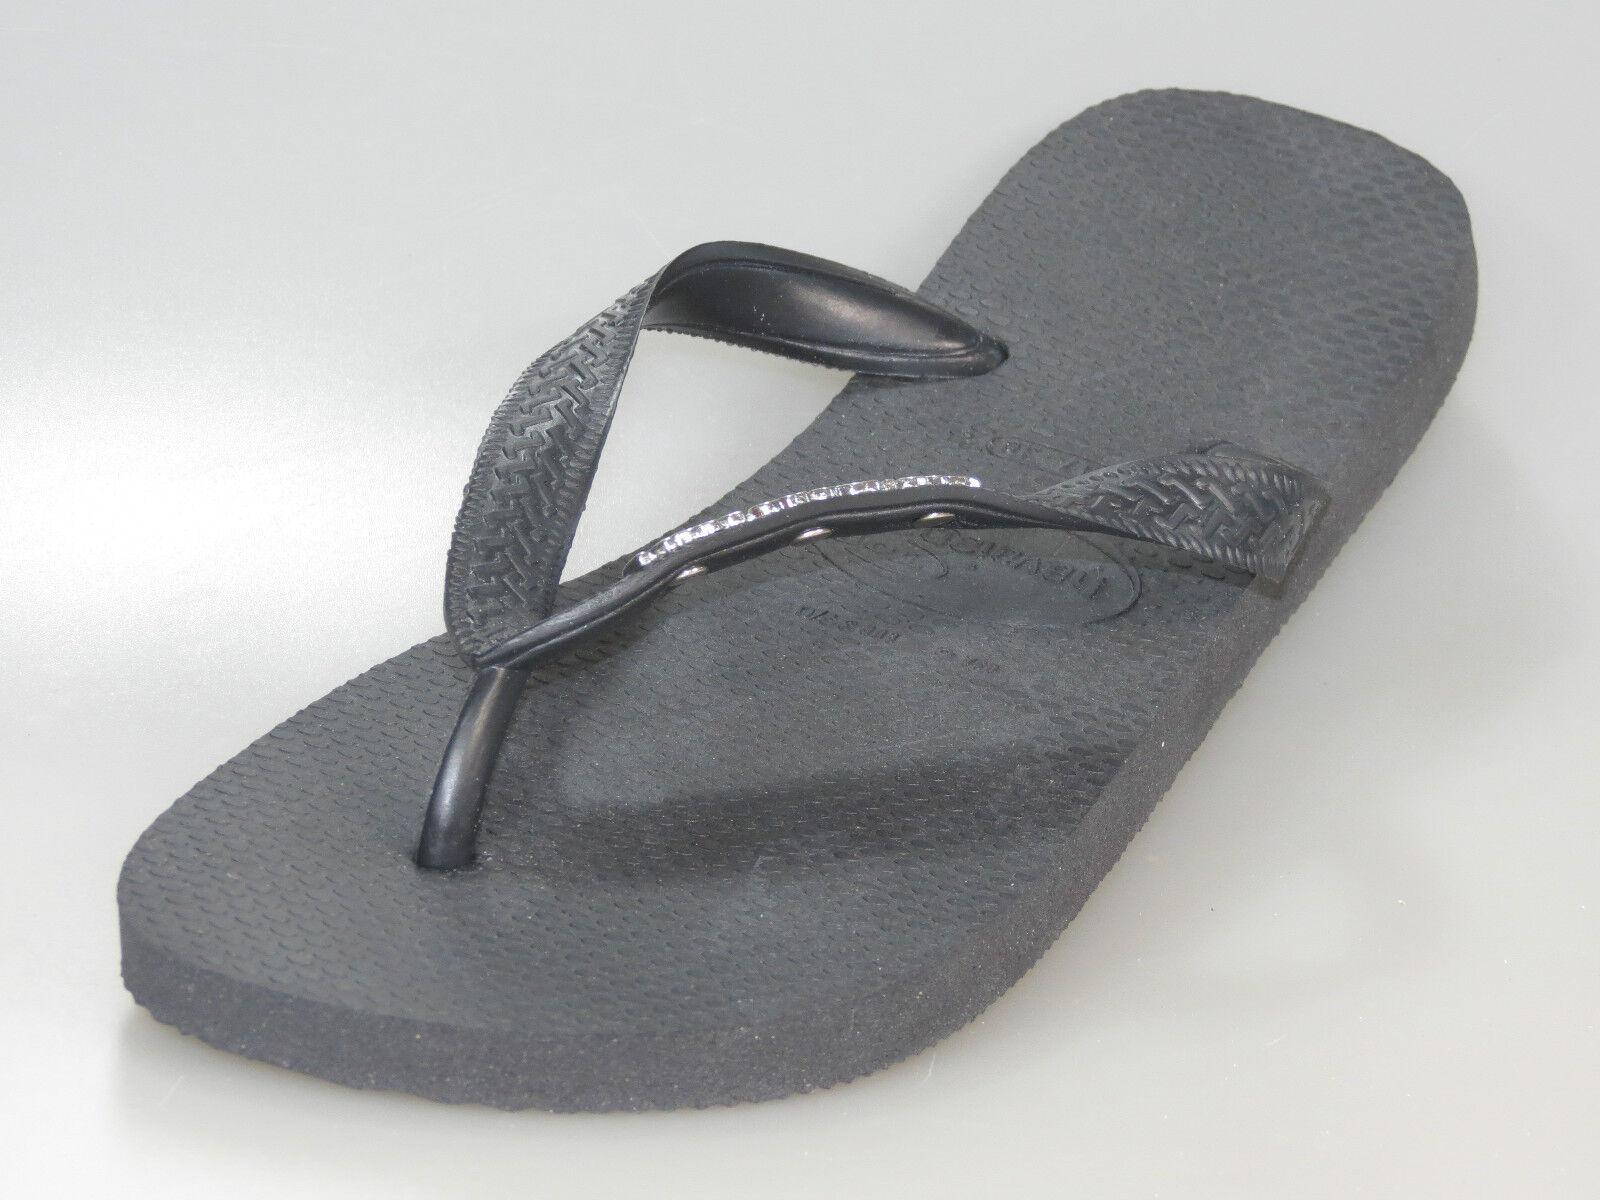 Havaianas top Logo Métallique sandale sandale Métallique noir 4.001.108 0090 Bride D'Orteil + Neuf + a7e832